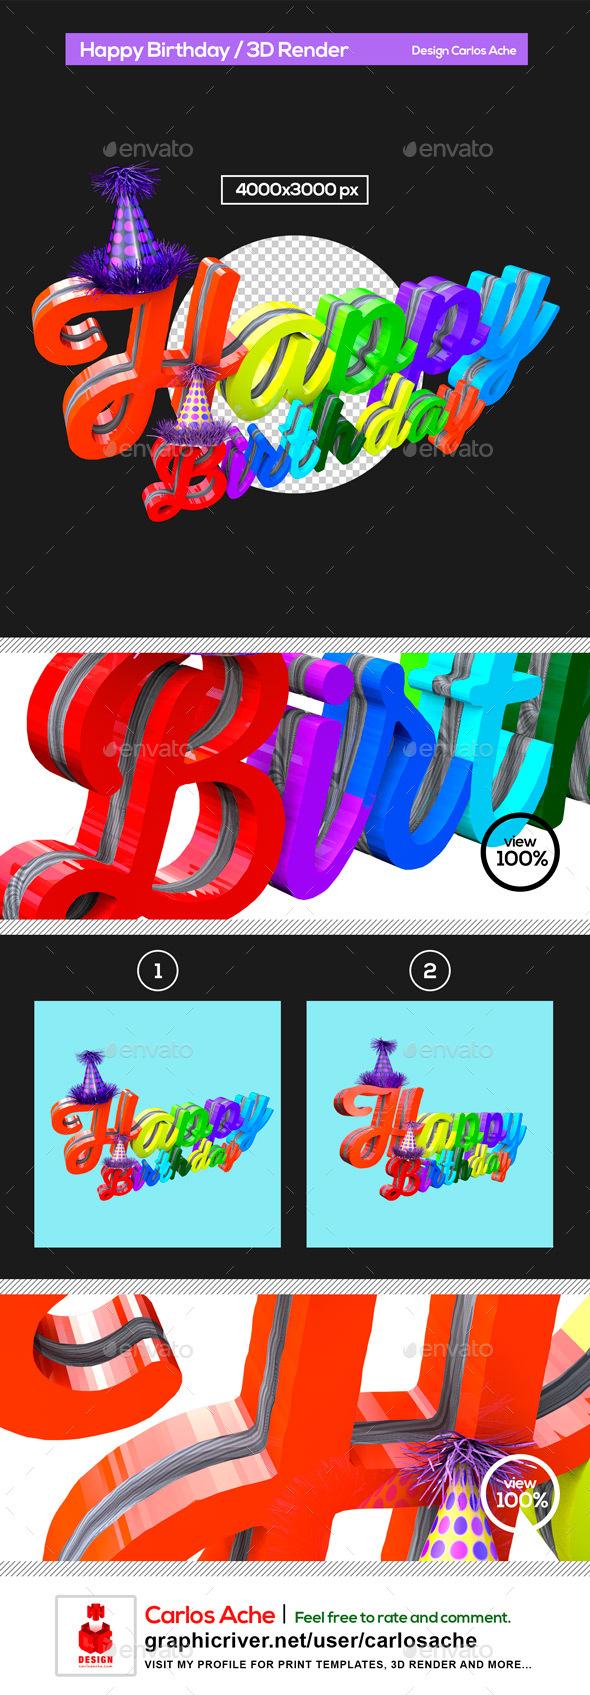 Happy Birthday 3D Render - Text 3D Renders